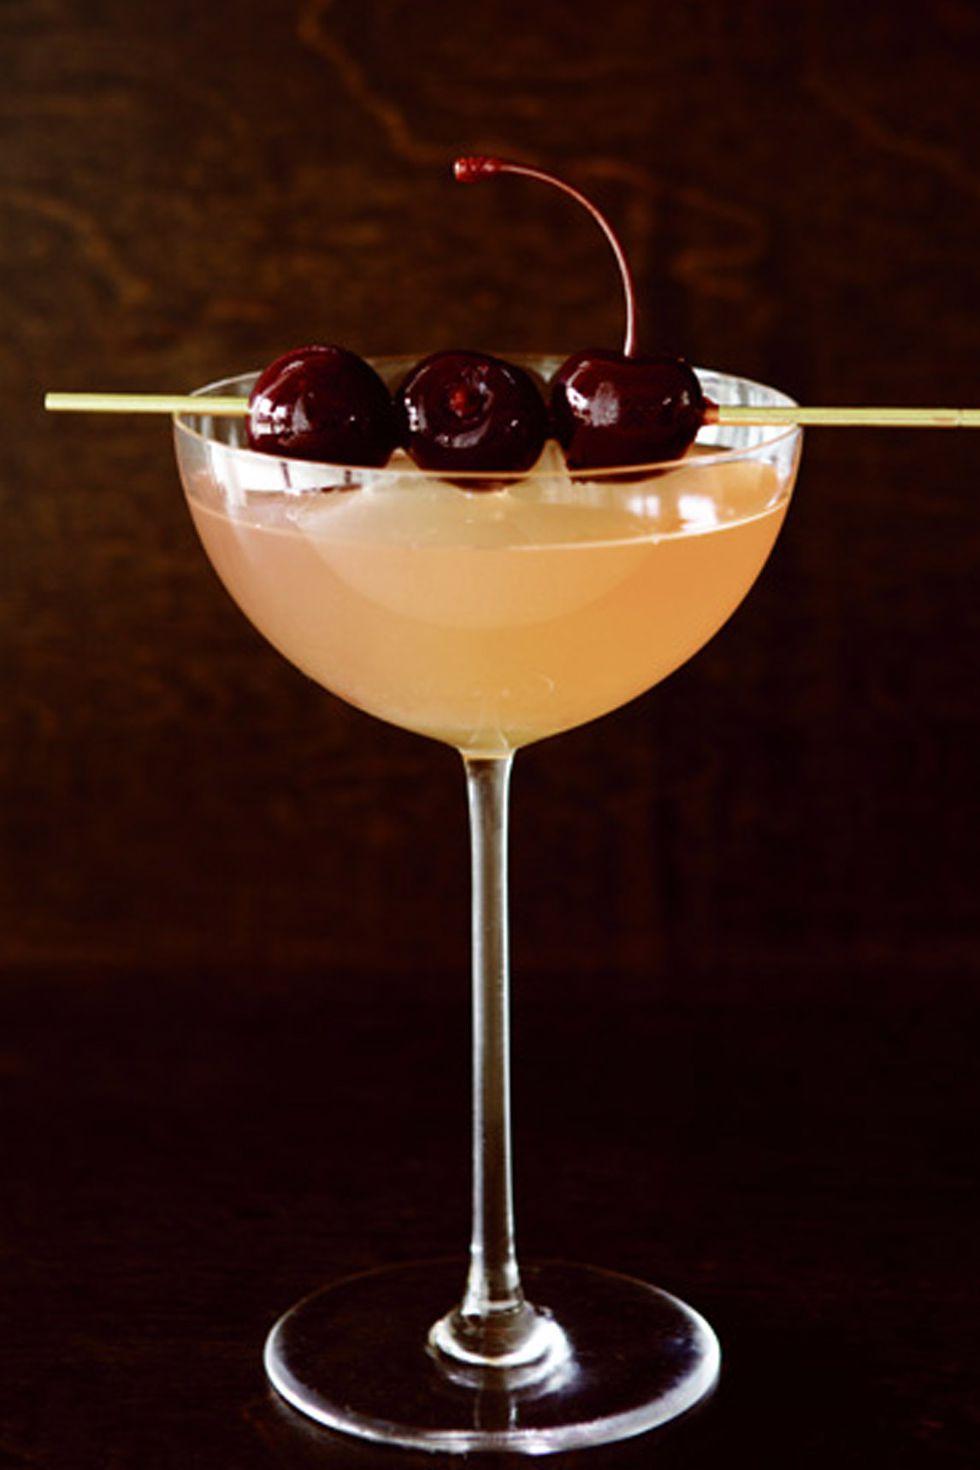 Minimum effort festive drink - elderflower ginger fizz.